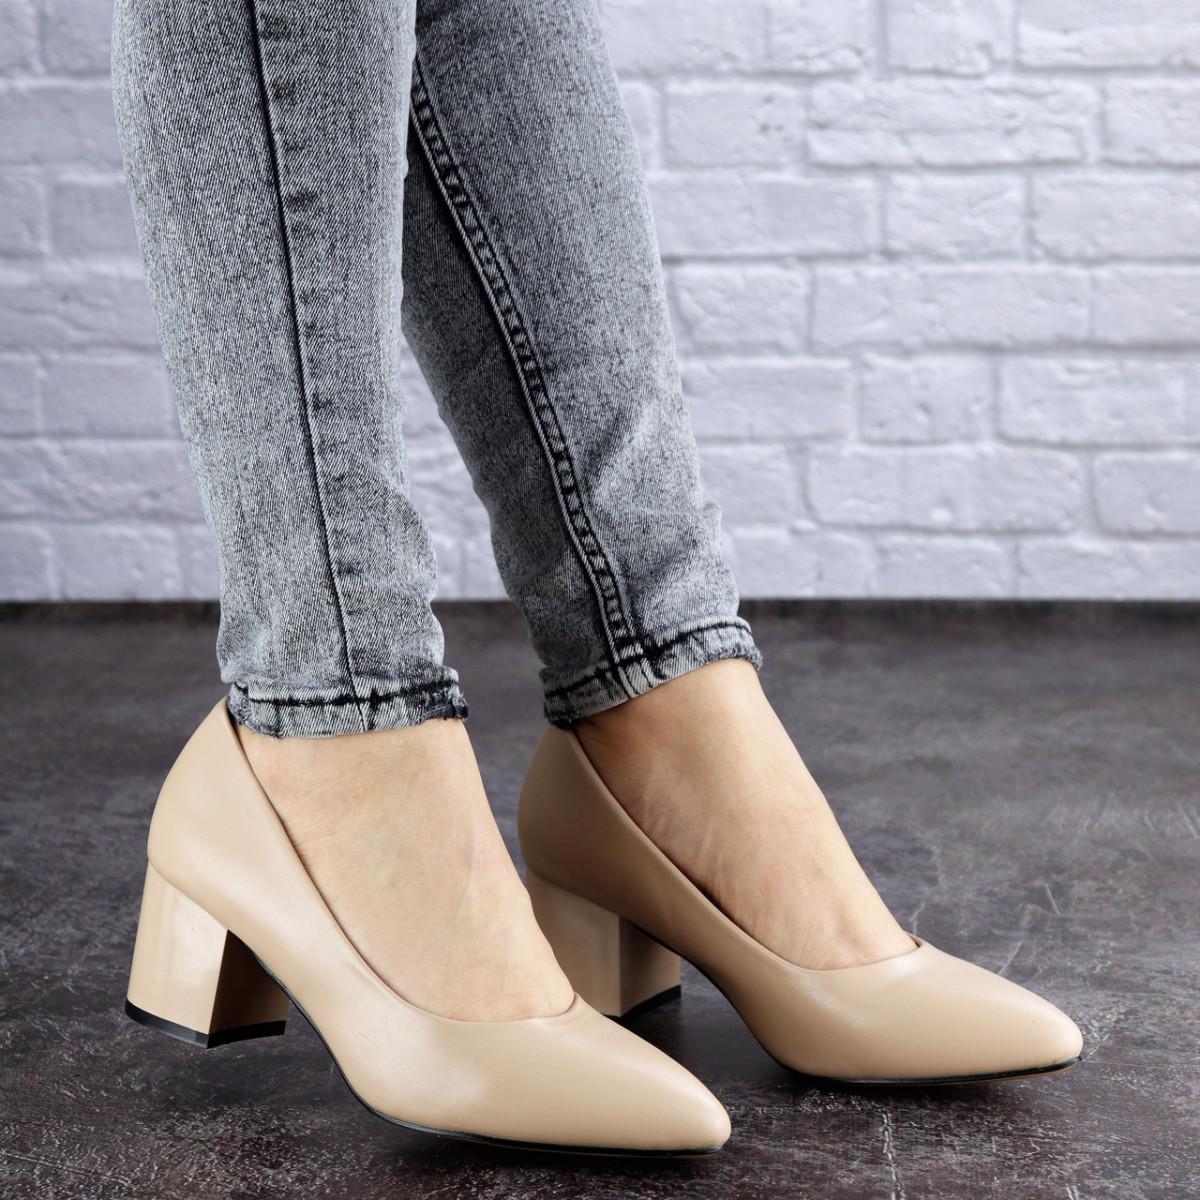 Женские туфли на каблуке бежевые Pebbles 2012 (36 размер)